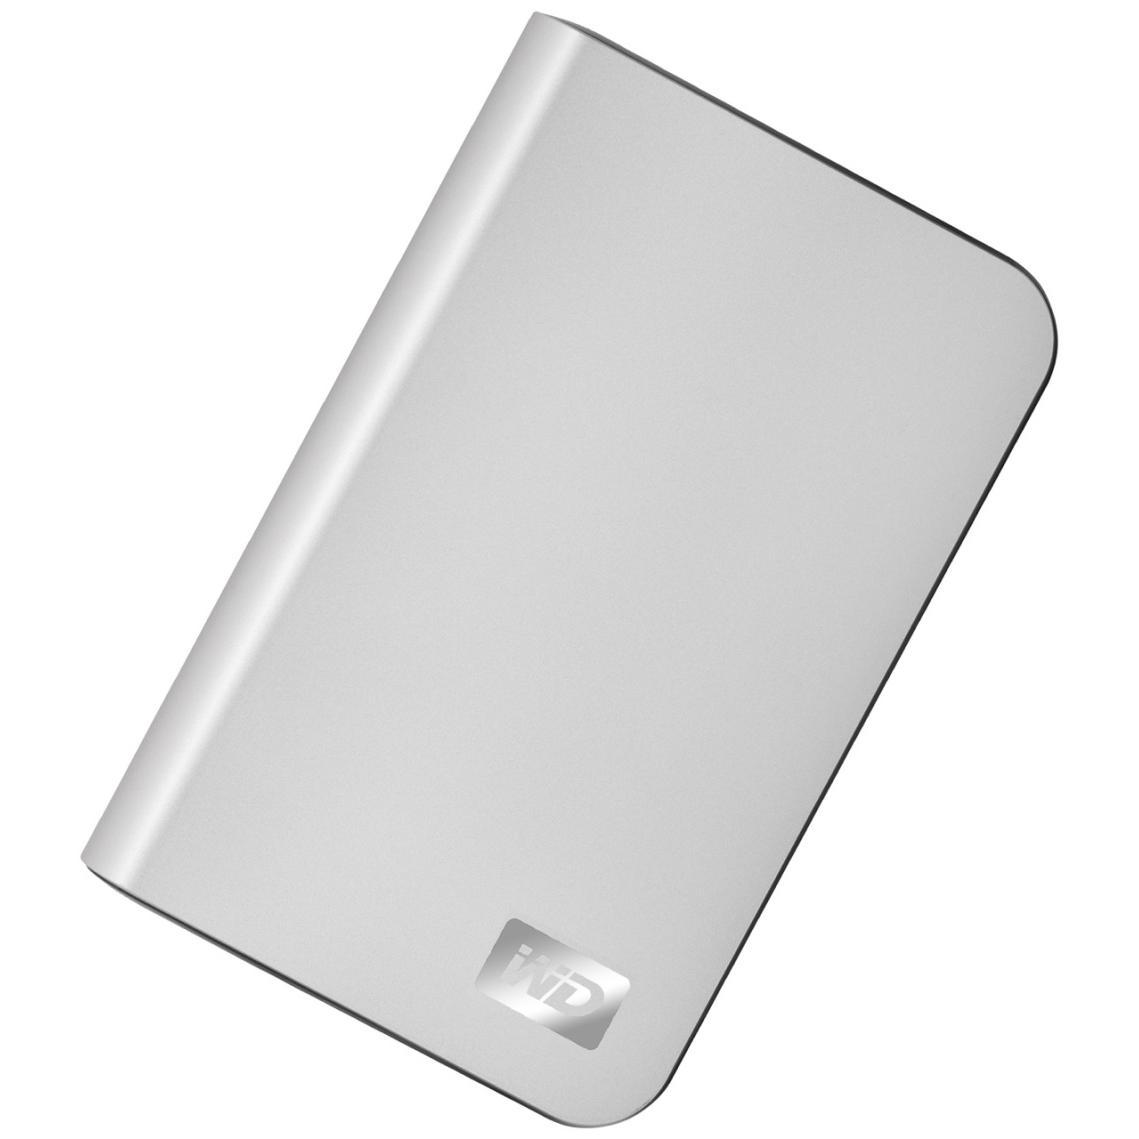 Western Digital - Disque dur externe Firewire 400/800 320 Go Mac OS